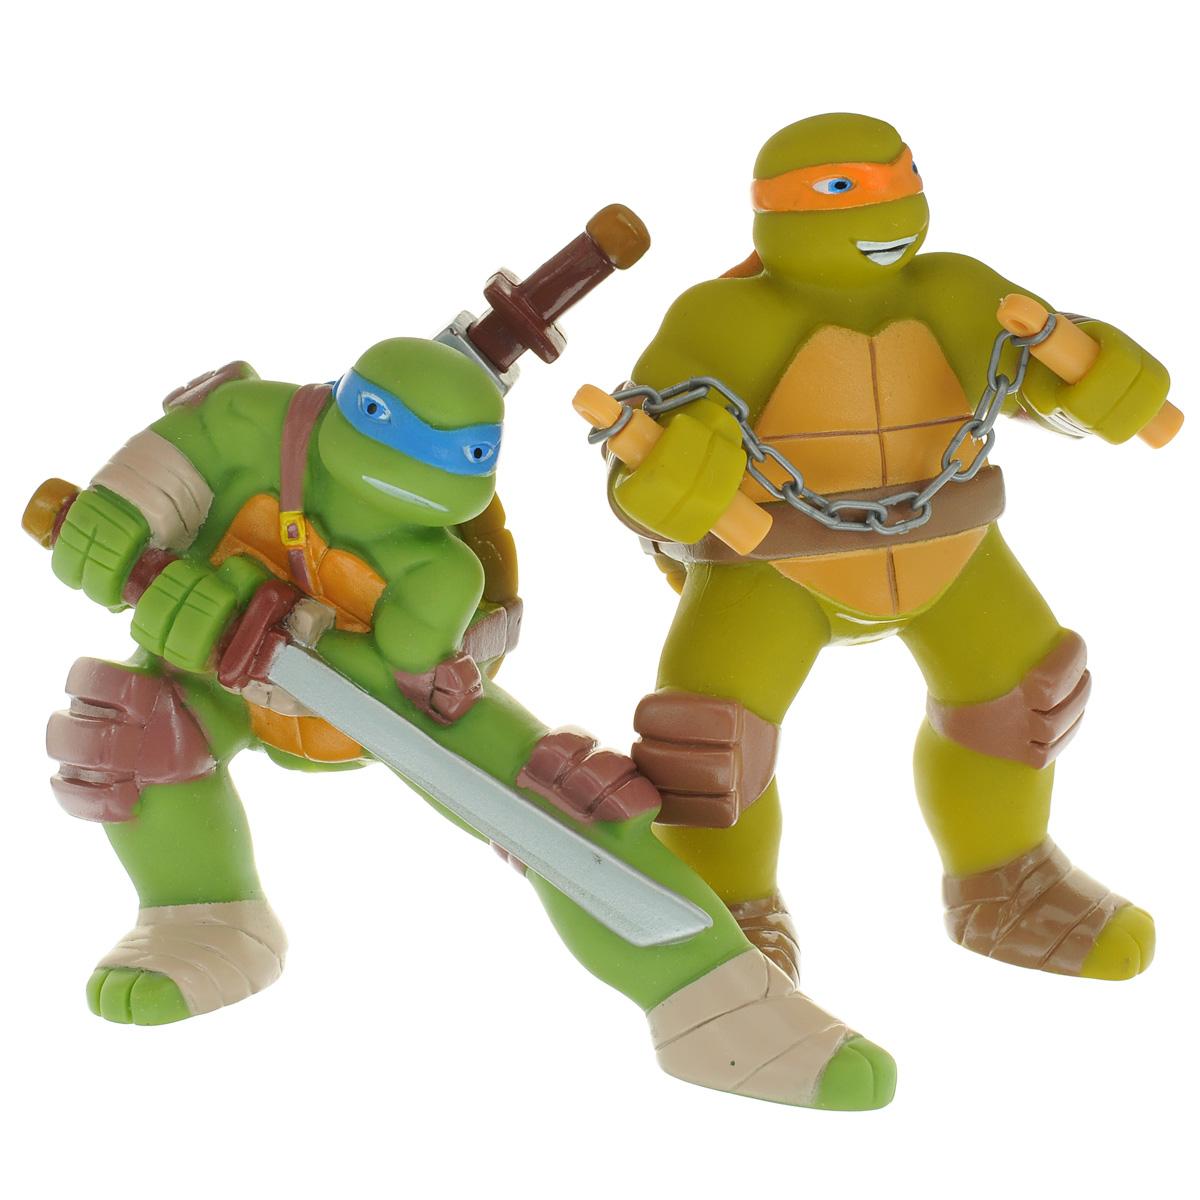 Набор игрушек для ванной Играем вместе: Черепашки-Ниндзя , 2 шт, Shantou City Daxiang Plastic Toy Products Co., Ltd, Первые игрушки  - купить со скидкой